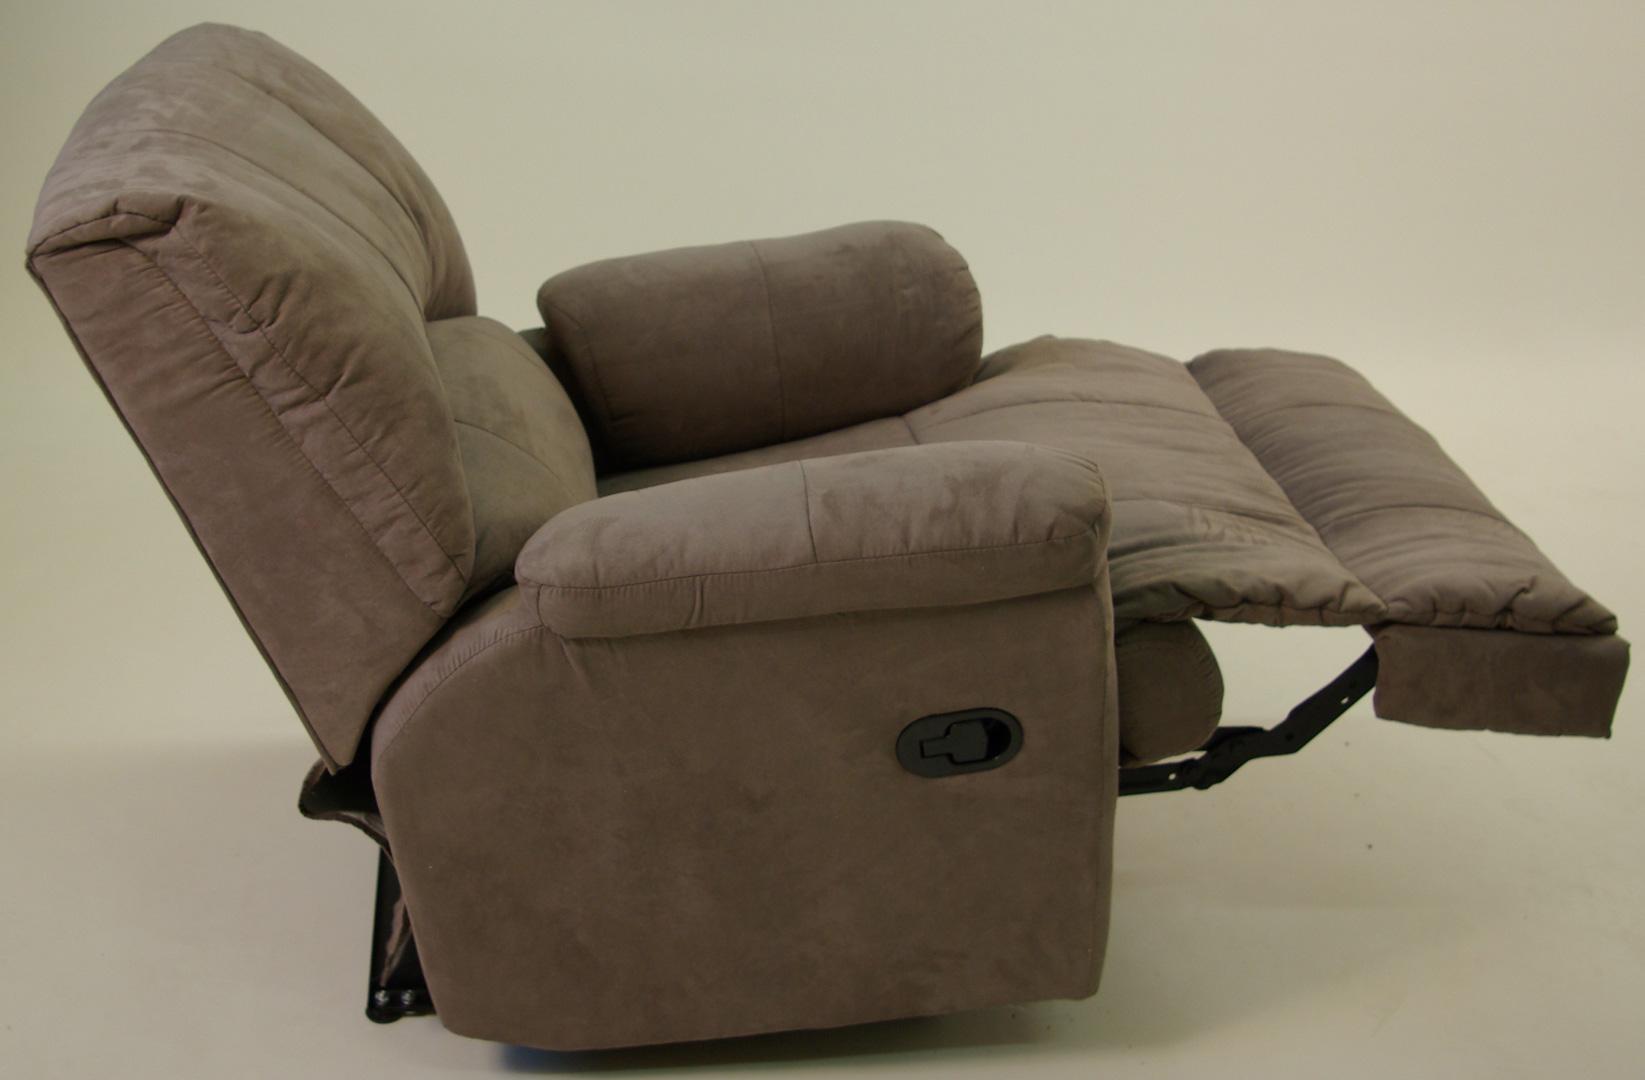 Fauteuil de relaxation semi-automatique microfibre avec repose-pieds intégré TOULOUSE